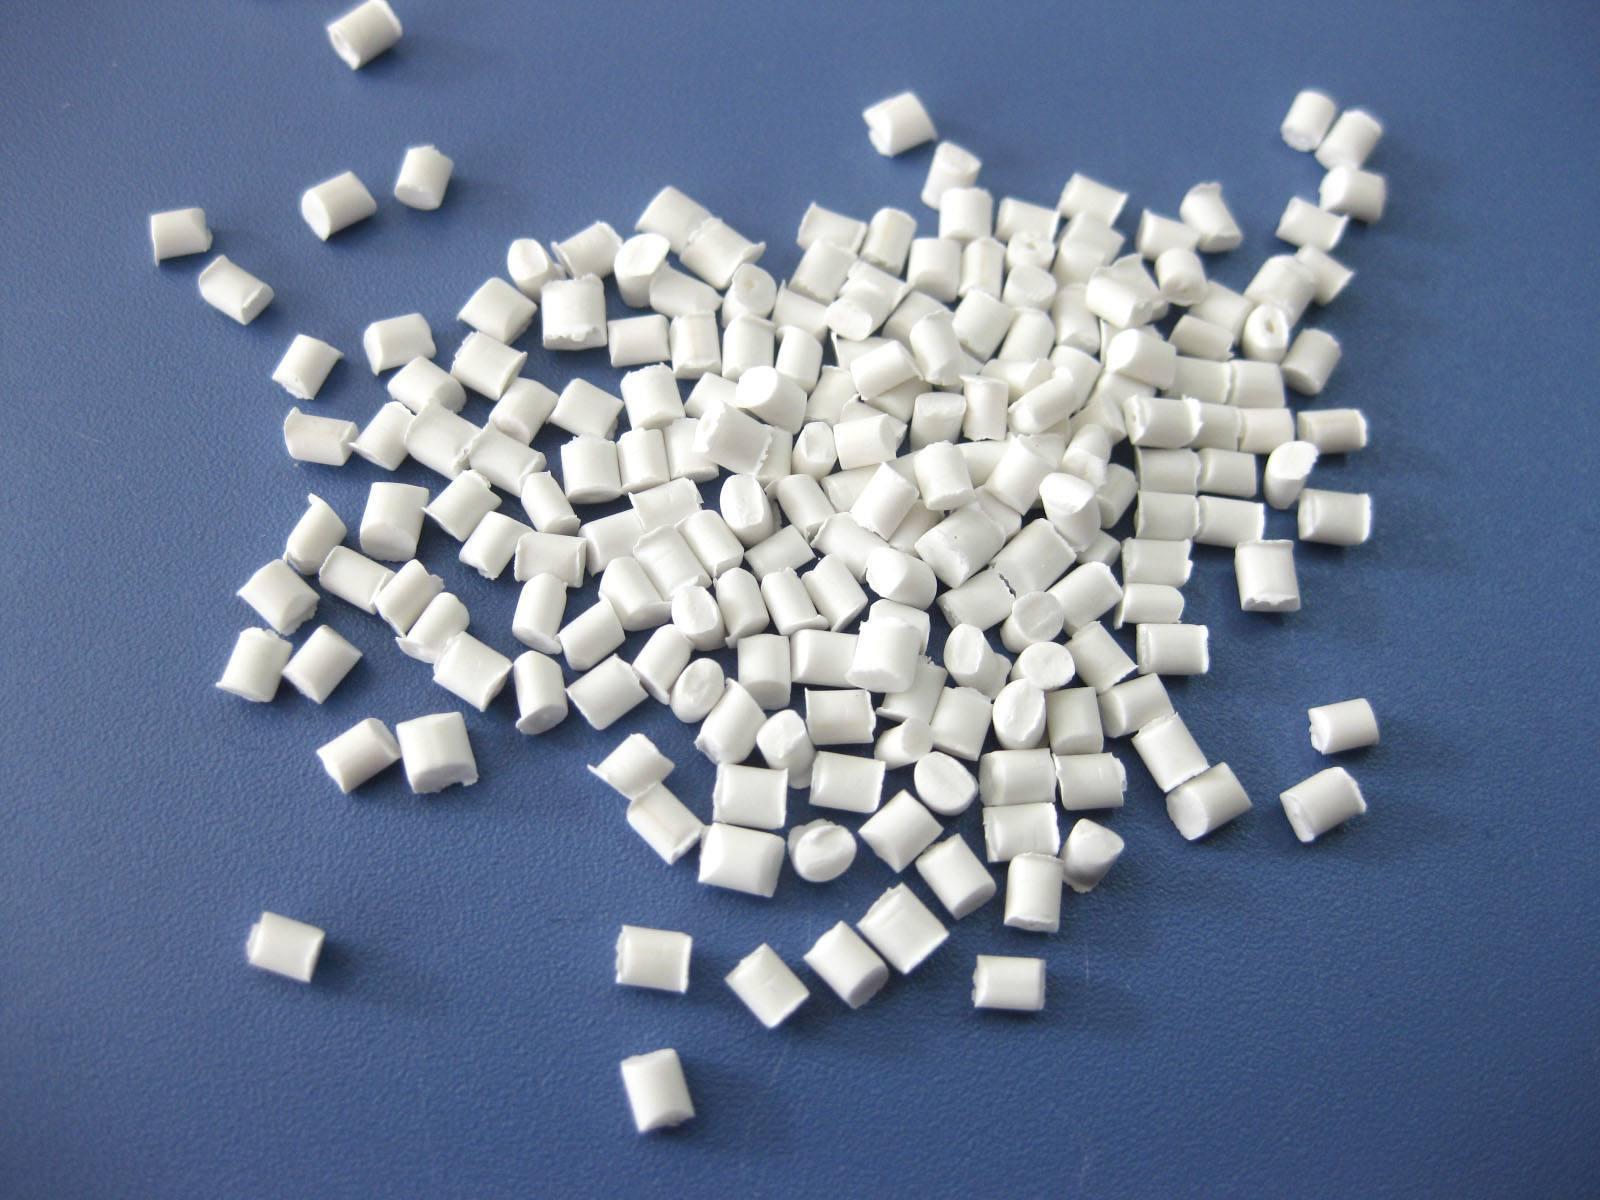 Hạt màu chủ HT-1015PP masterbatch chất chống cháy Jinan Taixing Chemical PP đặc biệt chức năng maste